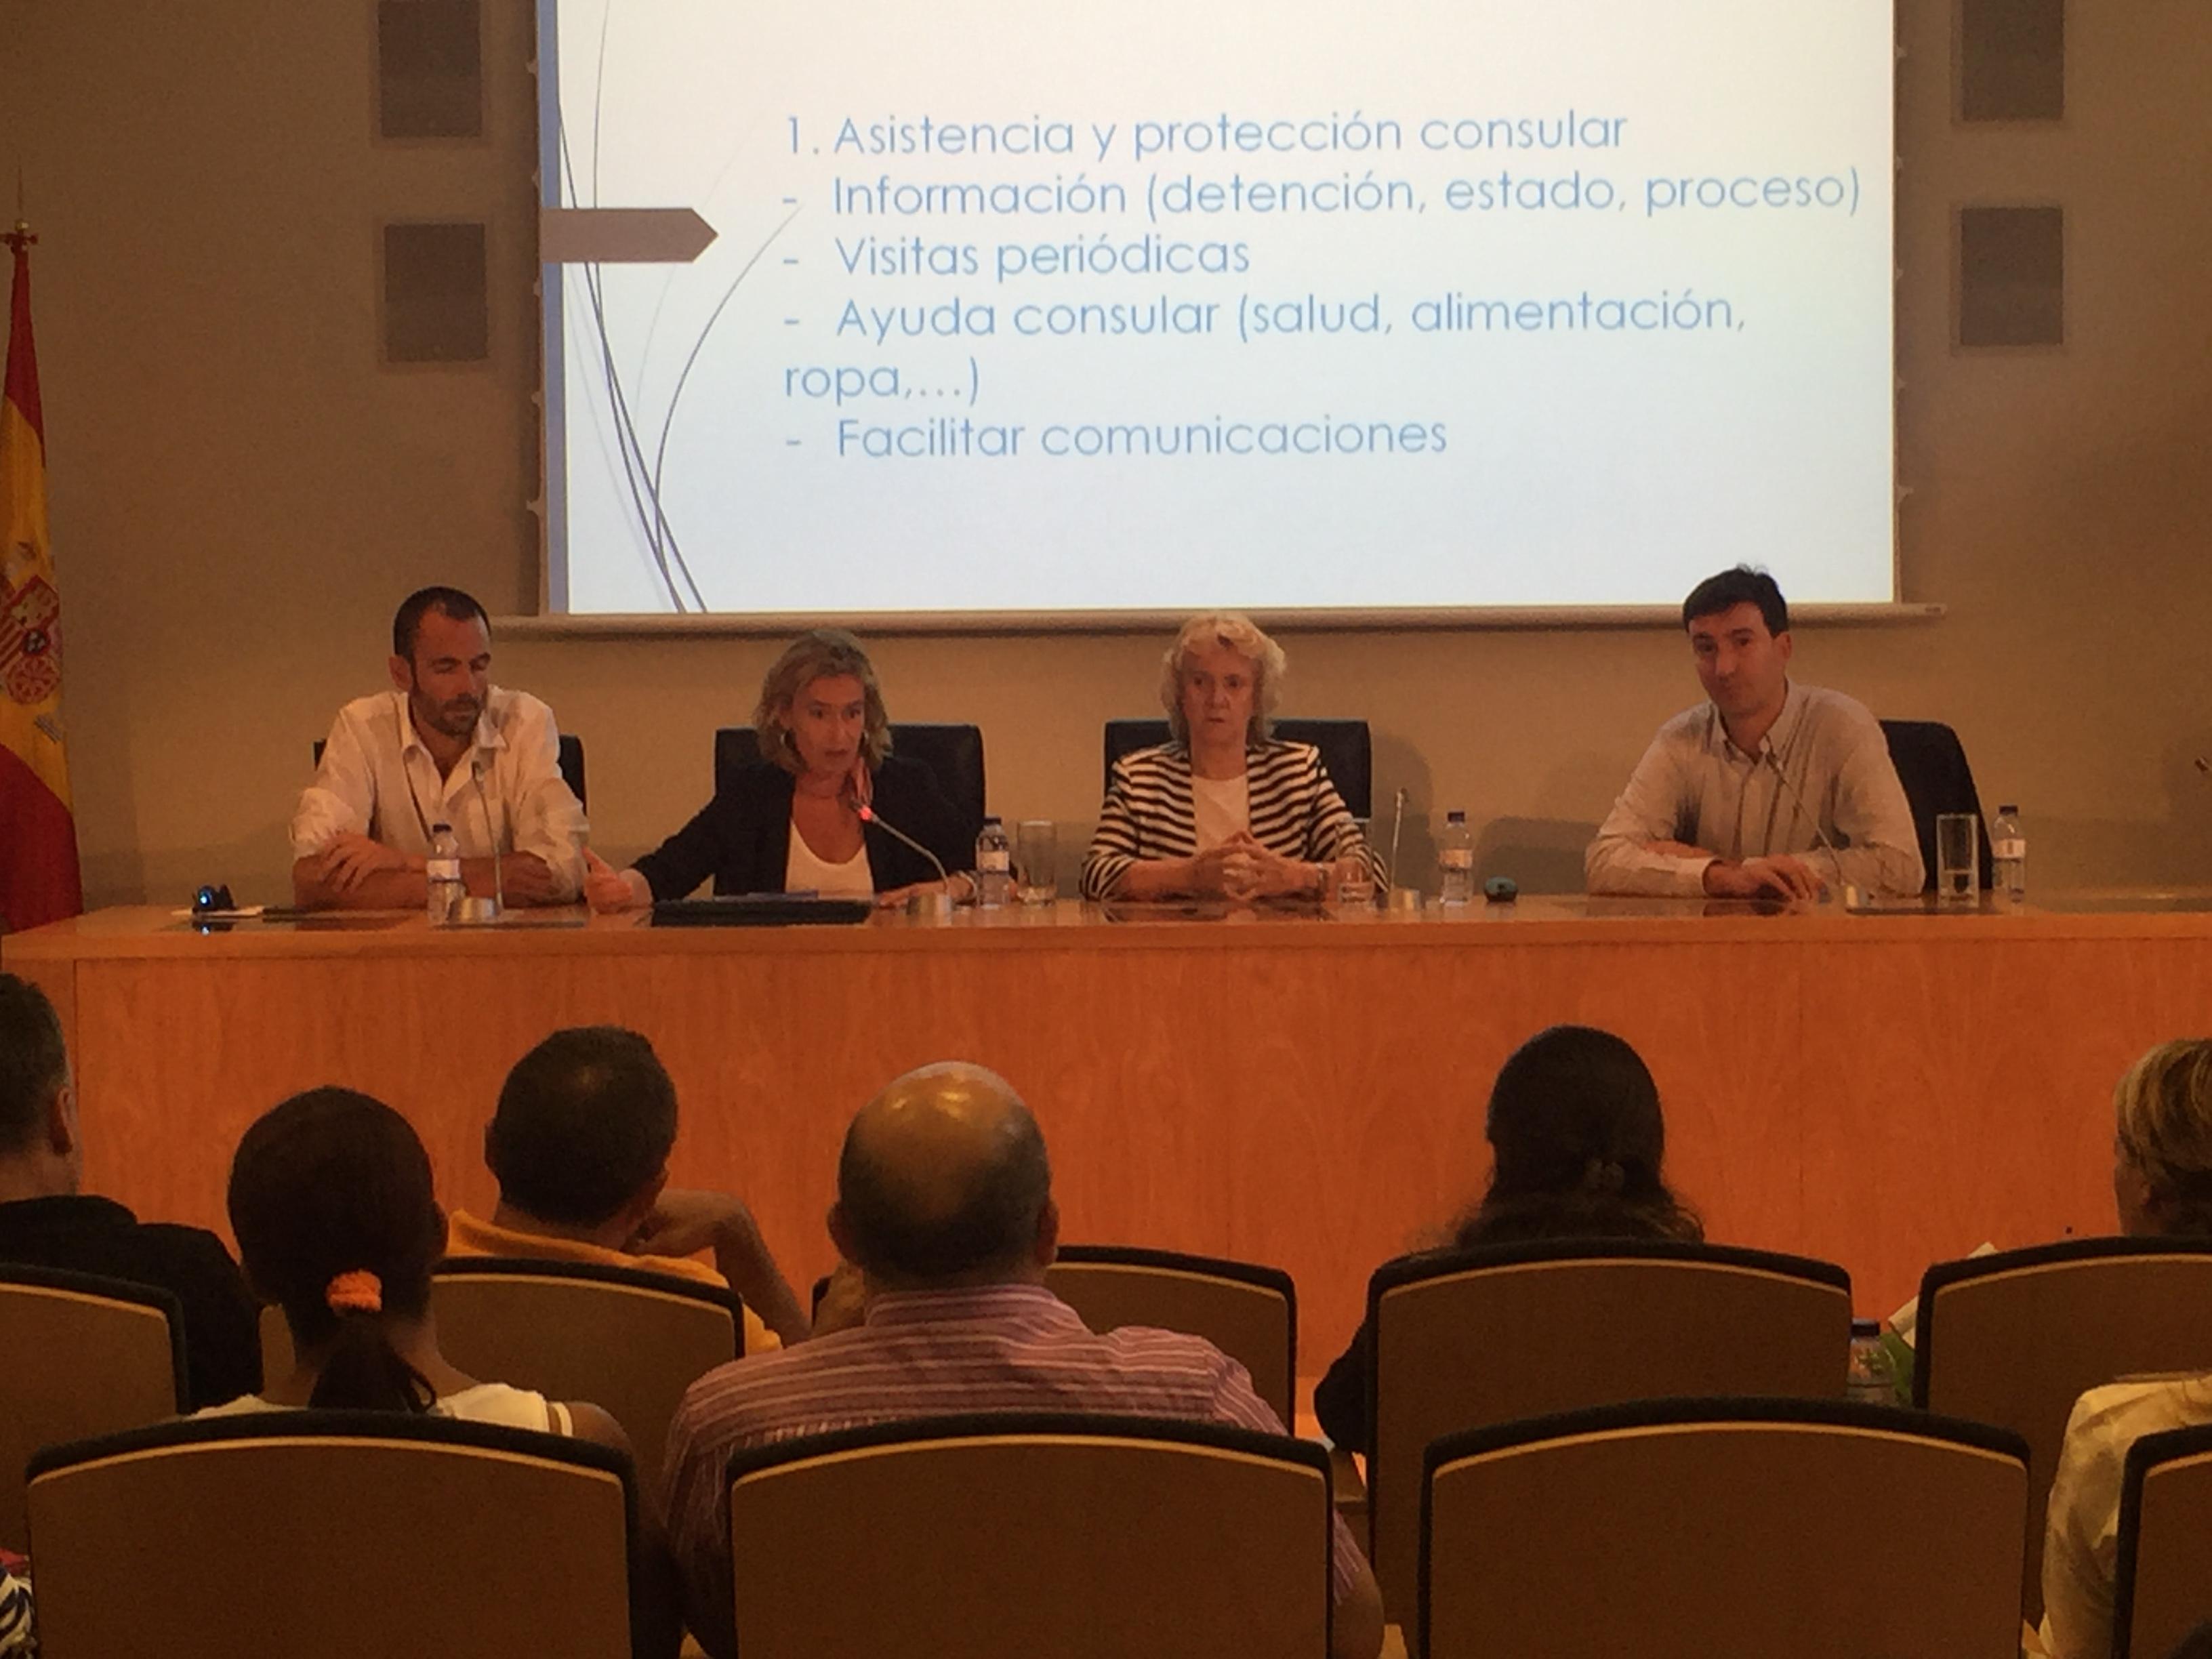 Mesa de ponentes durante el acto. De izquierda a derecha: Javier Casado, director de Fundación +34, Carmen Comas (directora de Relaciones Internacionales del Defensor del Pueblo), Soledad Becerril y Jaime Arderius